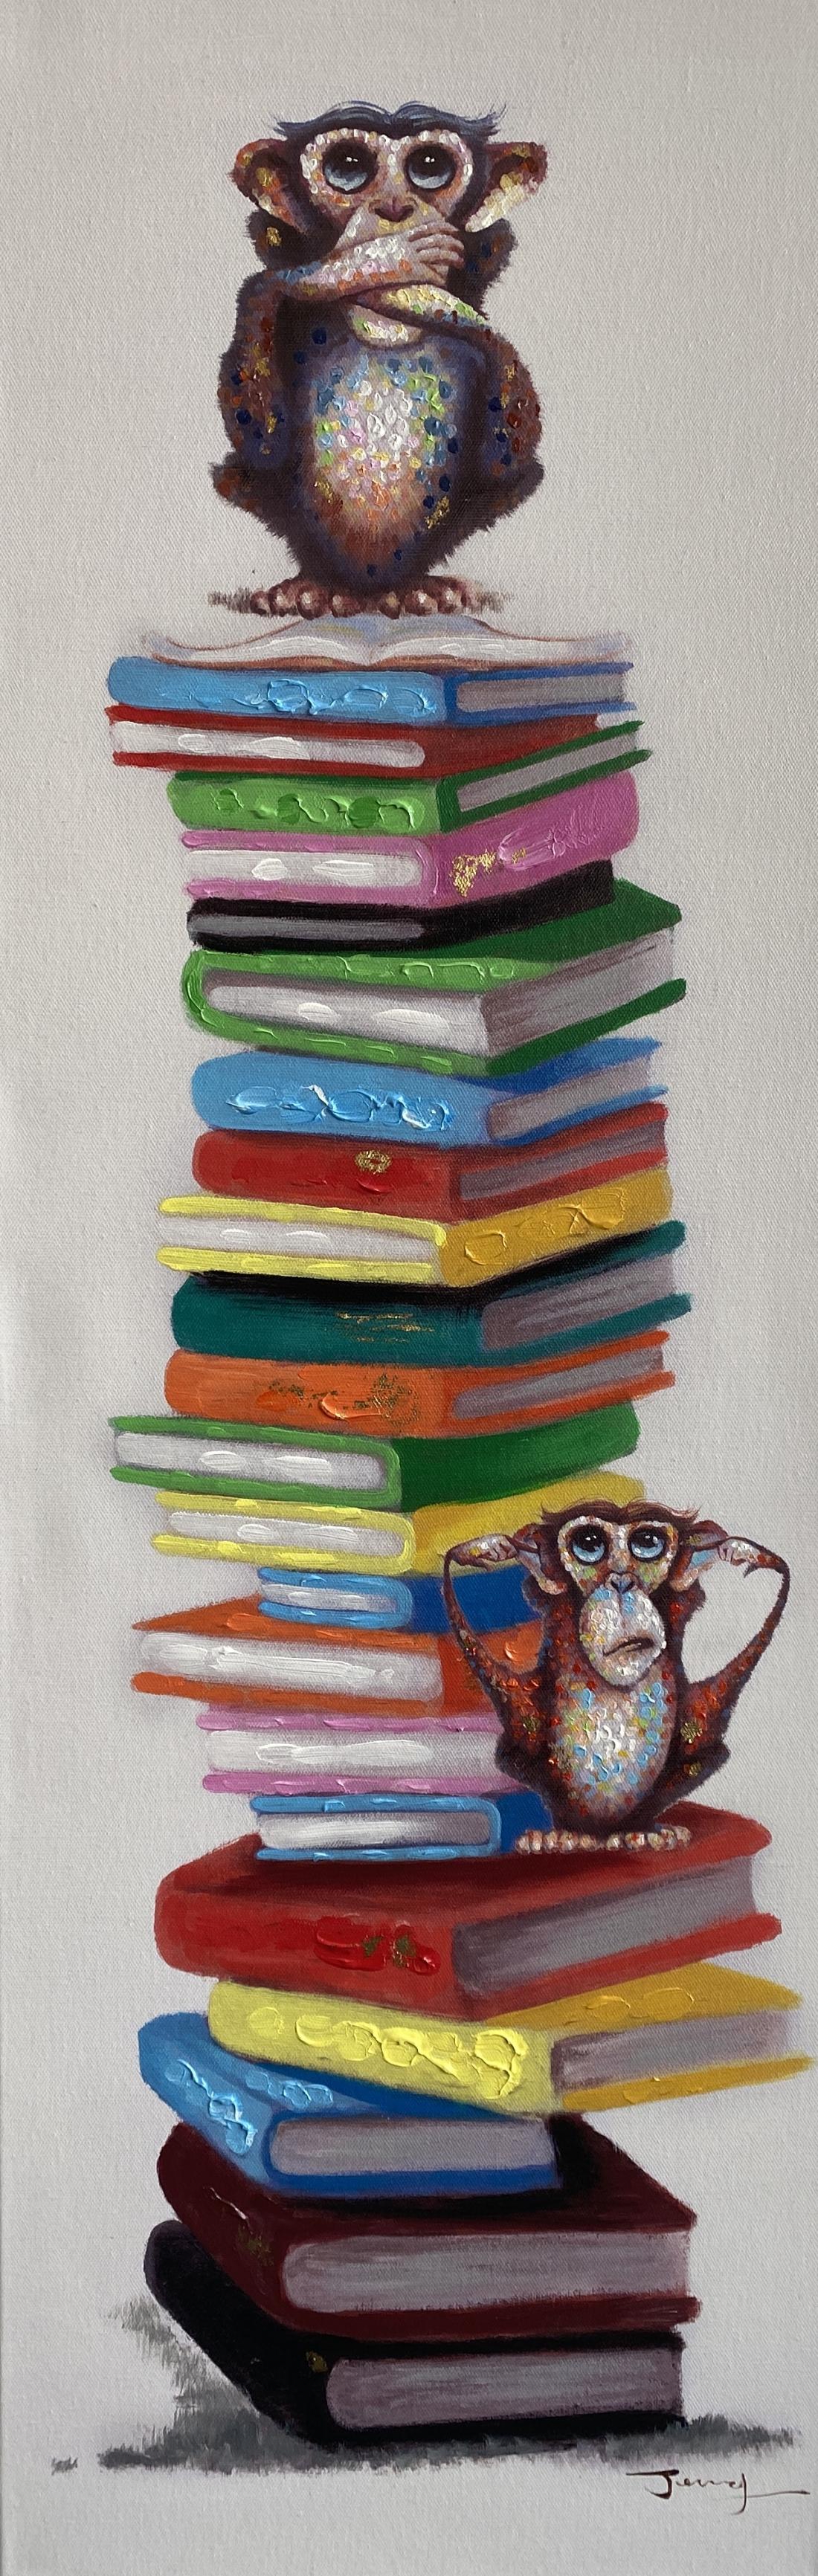 Schilderij aap met boeken 40x120